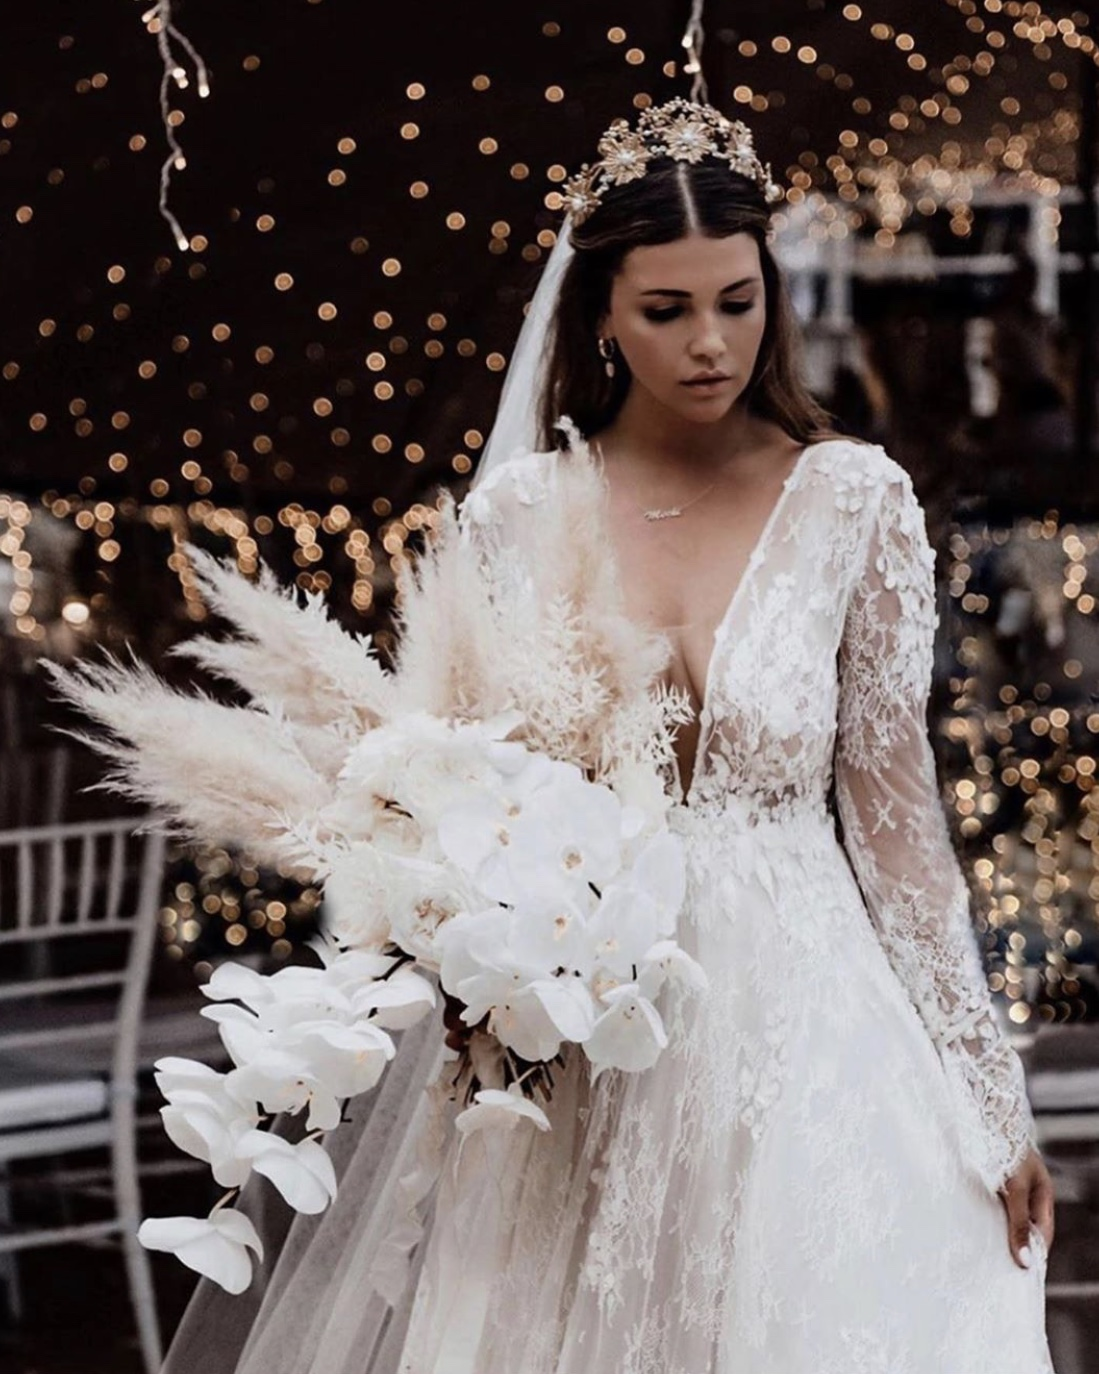 Brautkleid 2 hochzeit